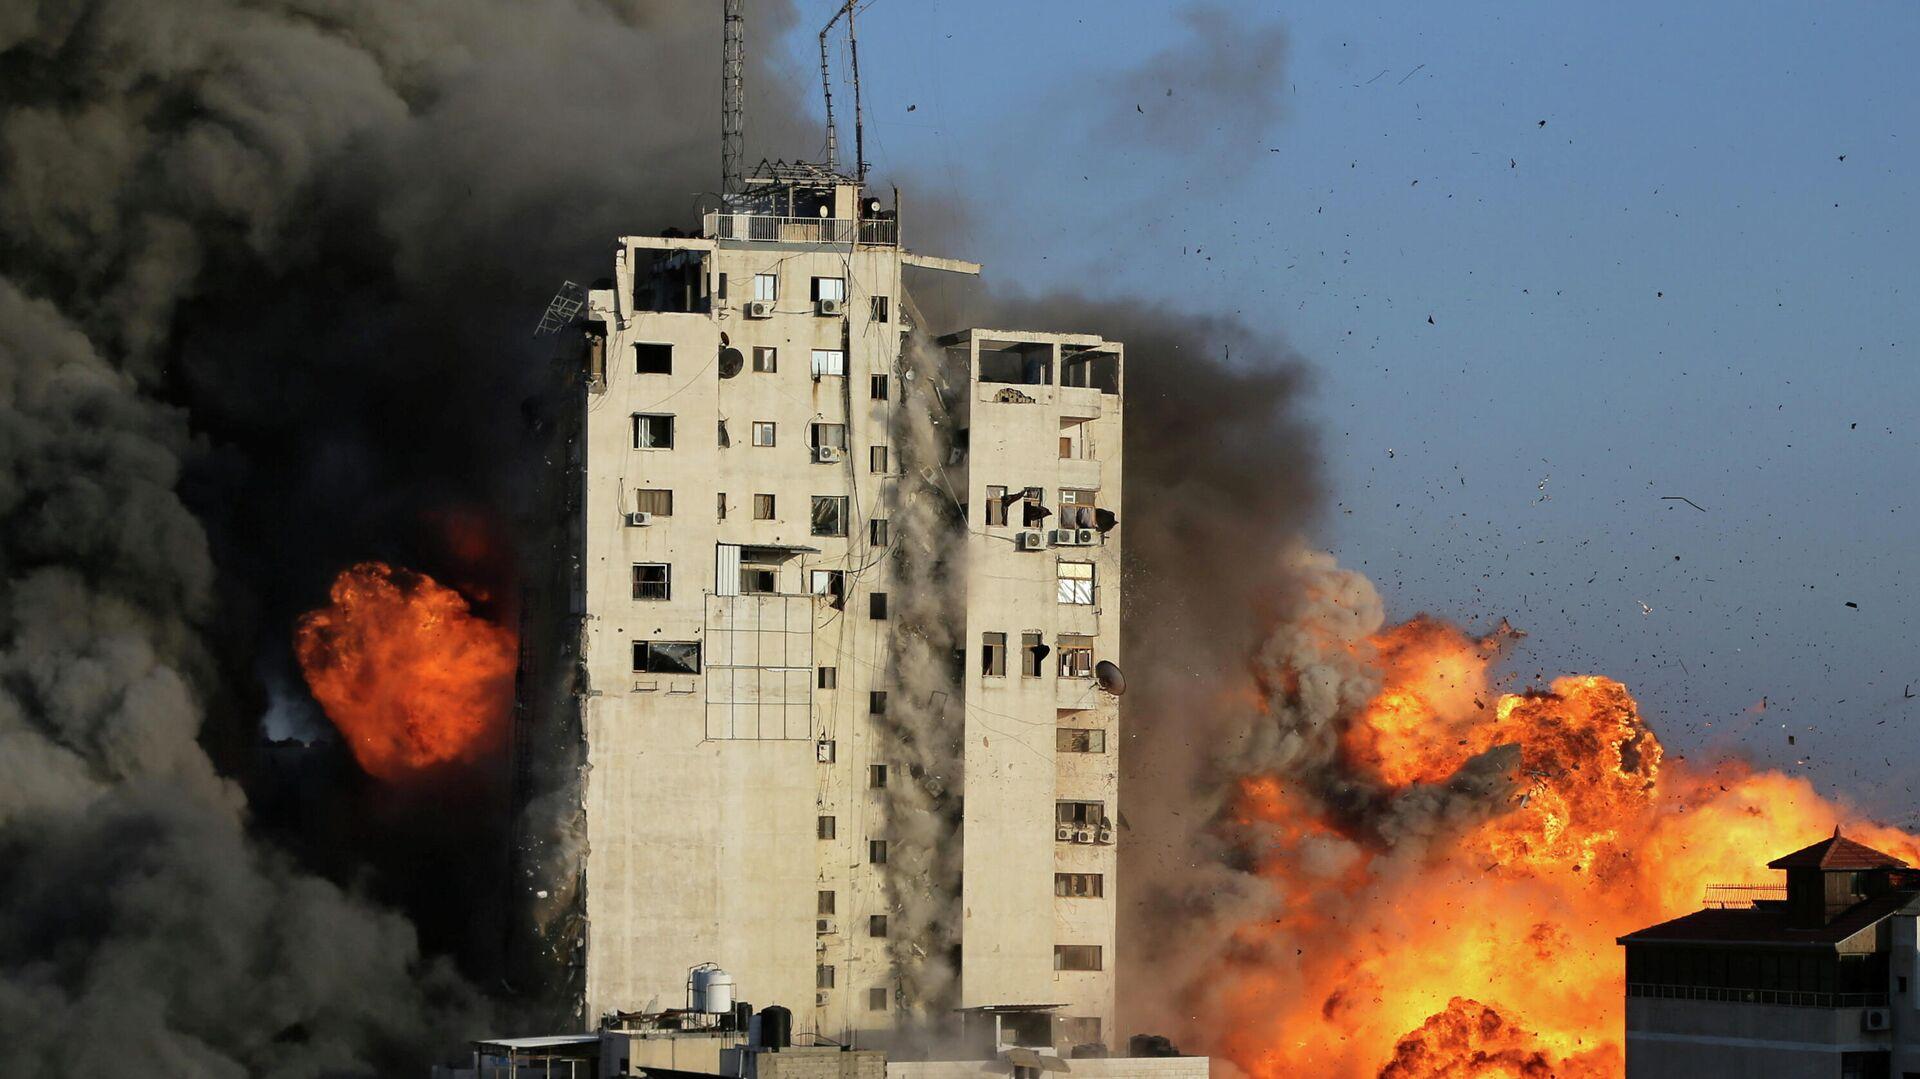 ВВС Израиля атаковали здание штаба внутренней безопасности ХАМАС